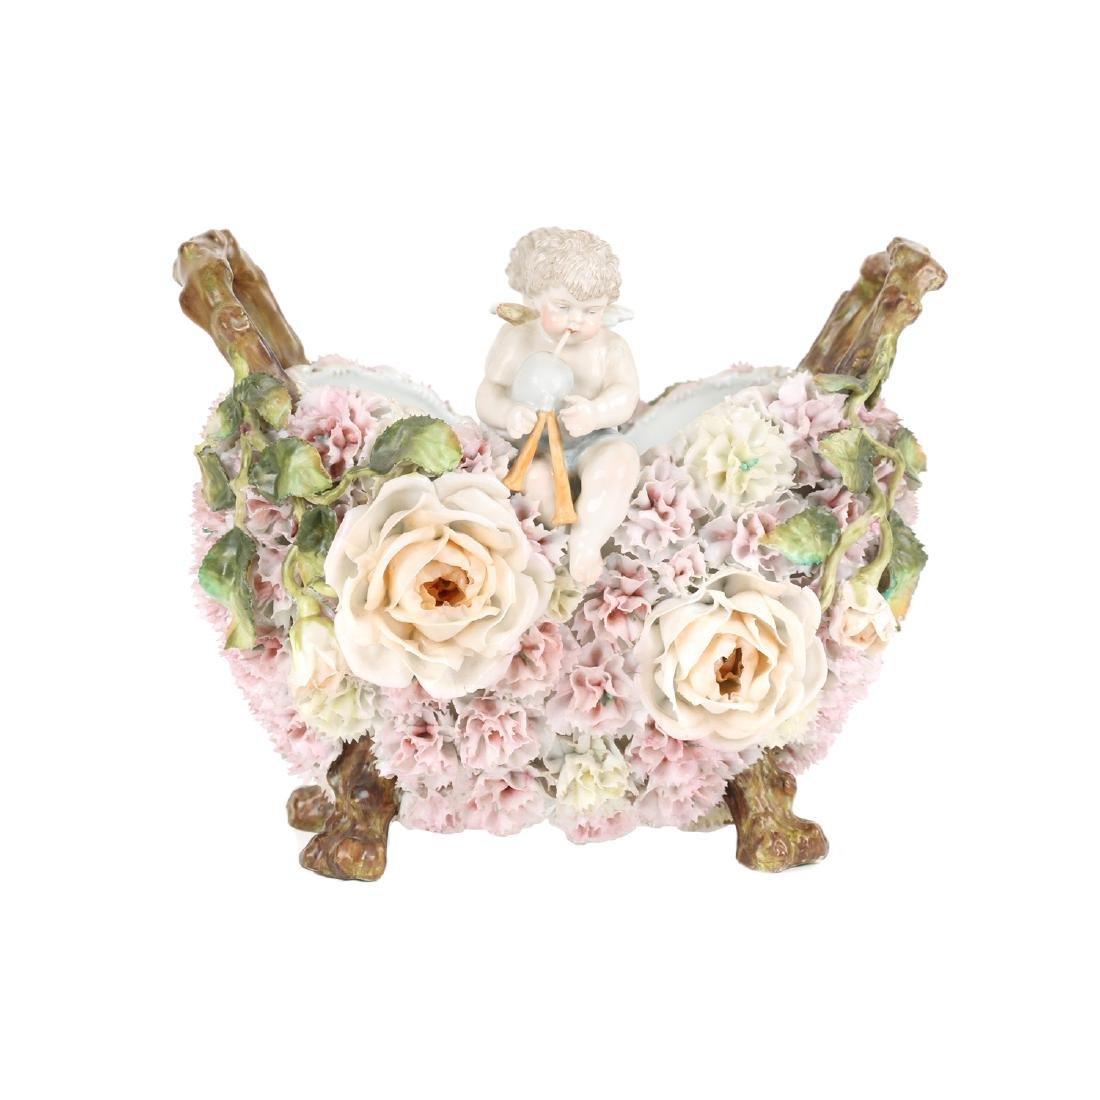 German Floral Encrusted Porcelain Basket